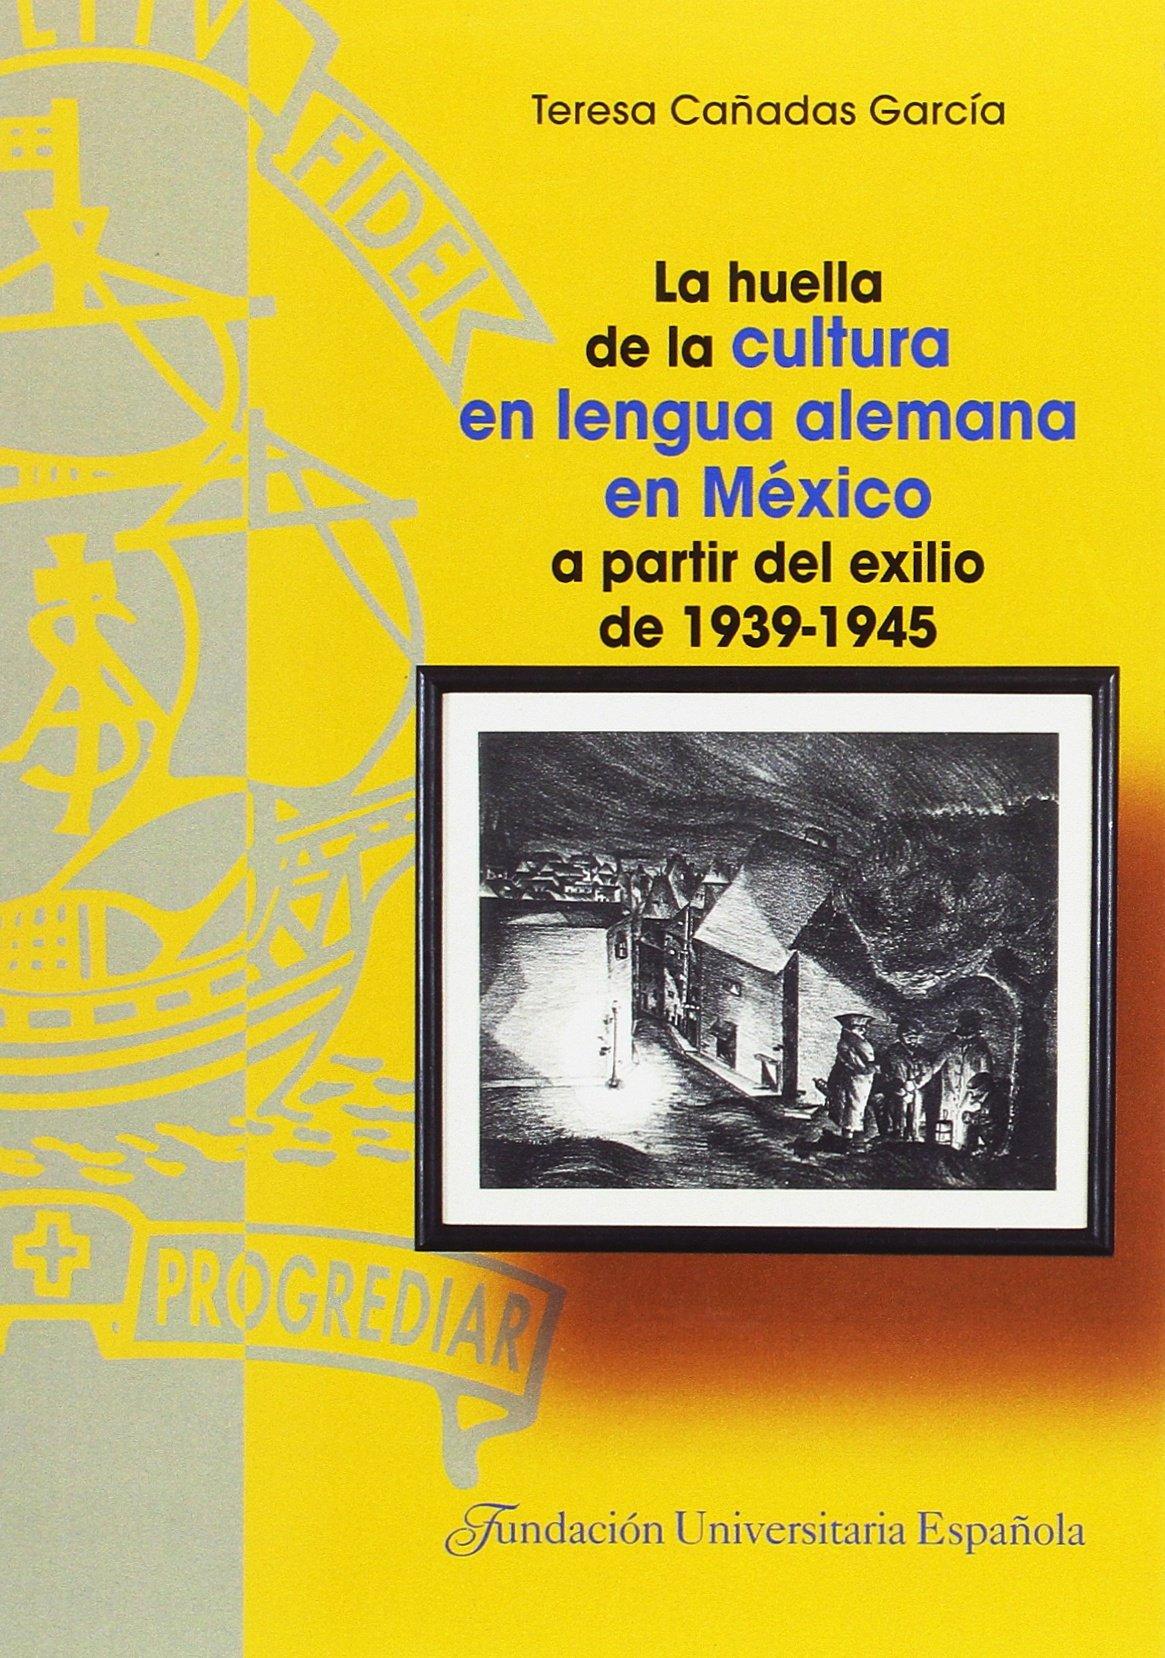 La huella de la cultura en lengua alemana en México a partir del exilio de 1939-1945 TESIS DOCTORALES CUM LAUDE. SERIE L LITERATURA: Amazon.es: Cañadas García, Teresa: Libros